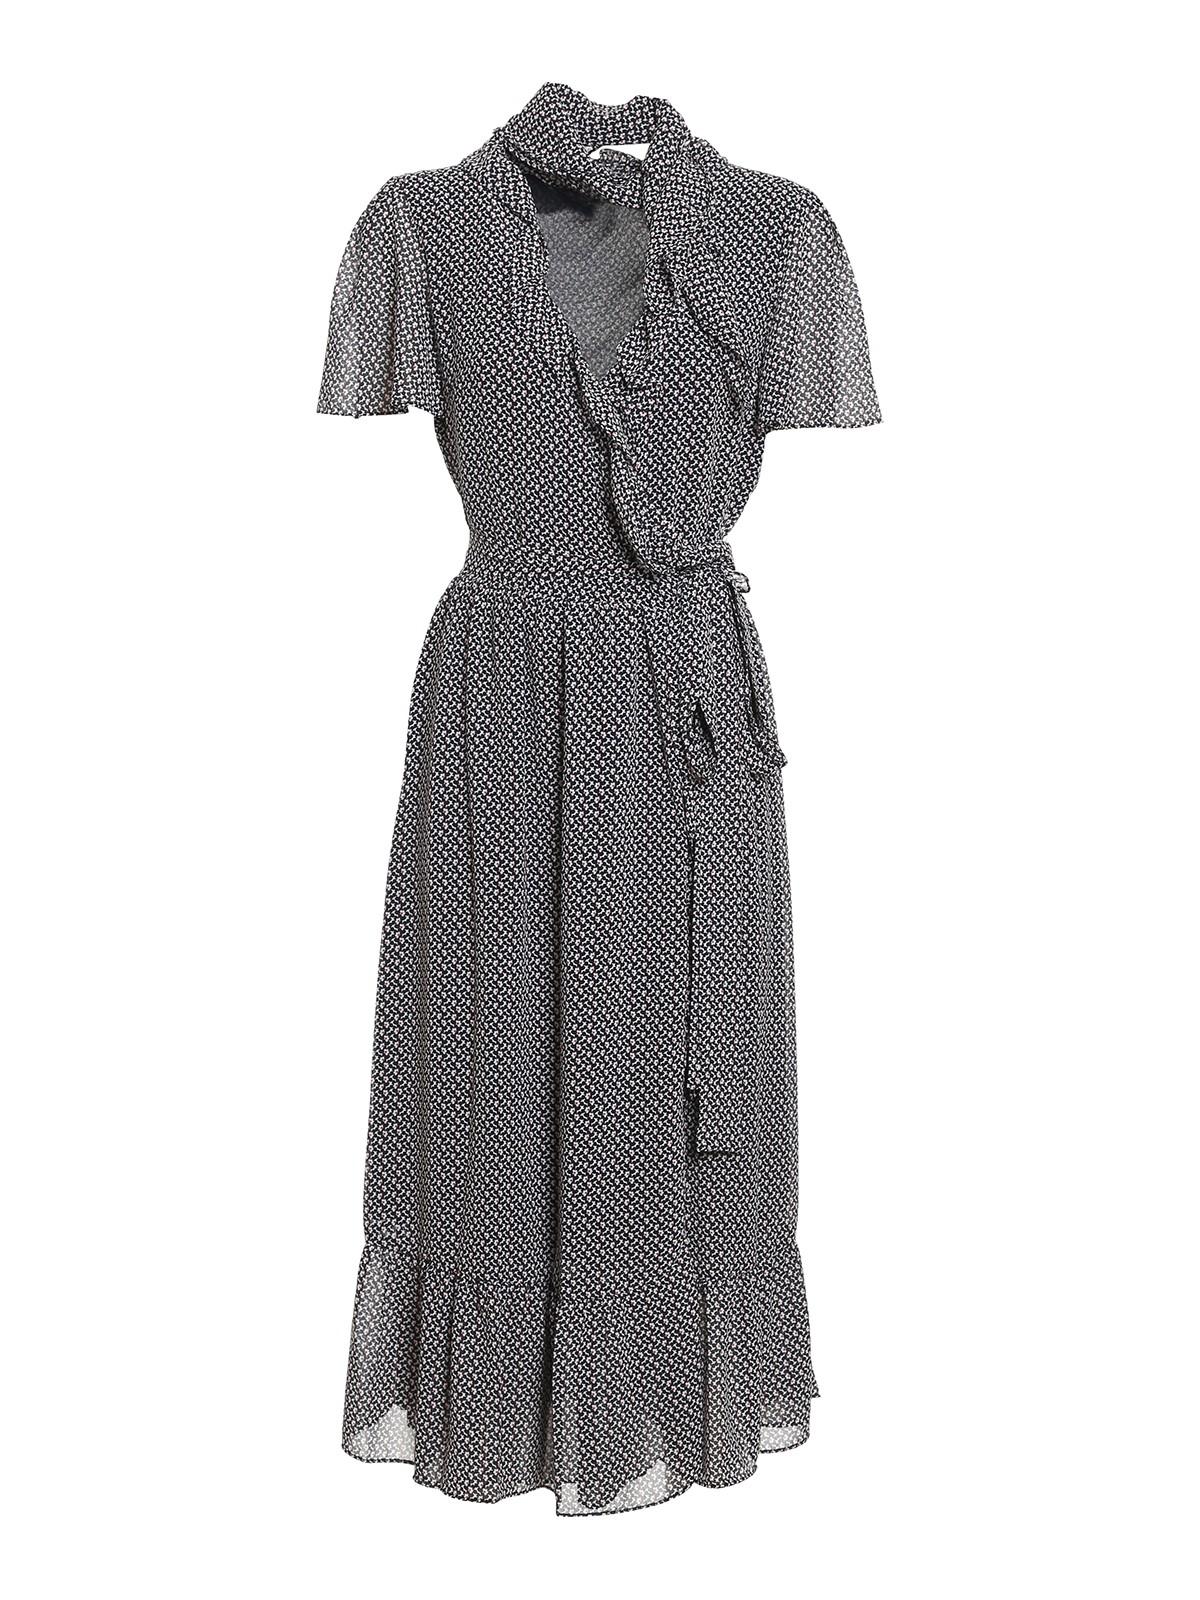 Michael Kors FLORAL PATTERNED CREPE DRESS